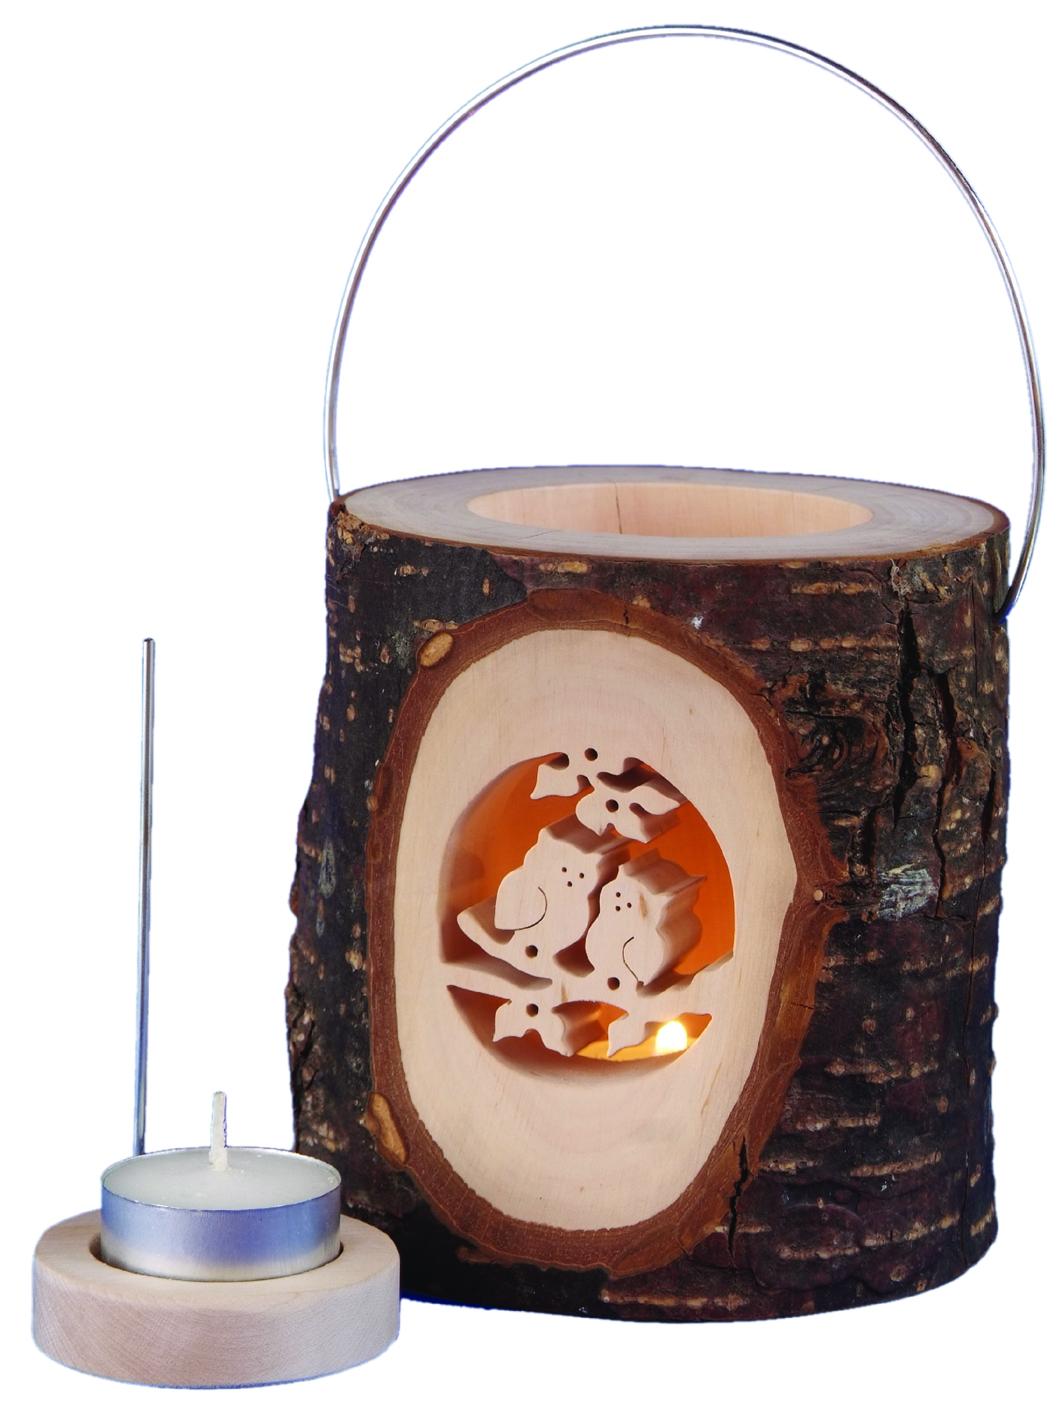 Nieuwe houten decoratie van finkbeiner for Houten decoratie voor raam